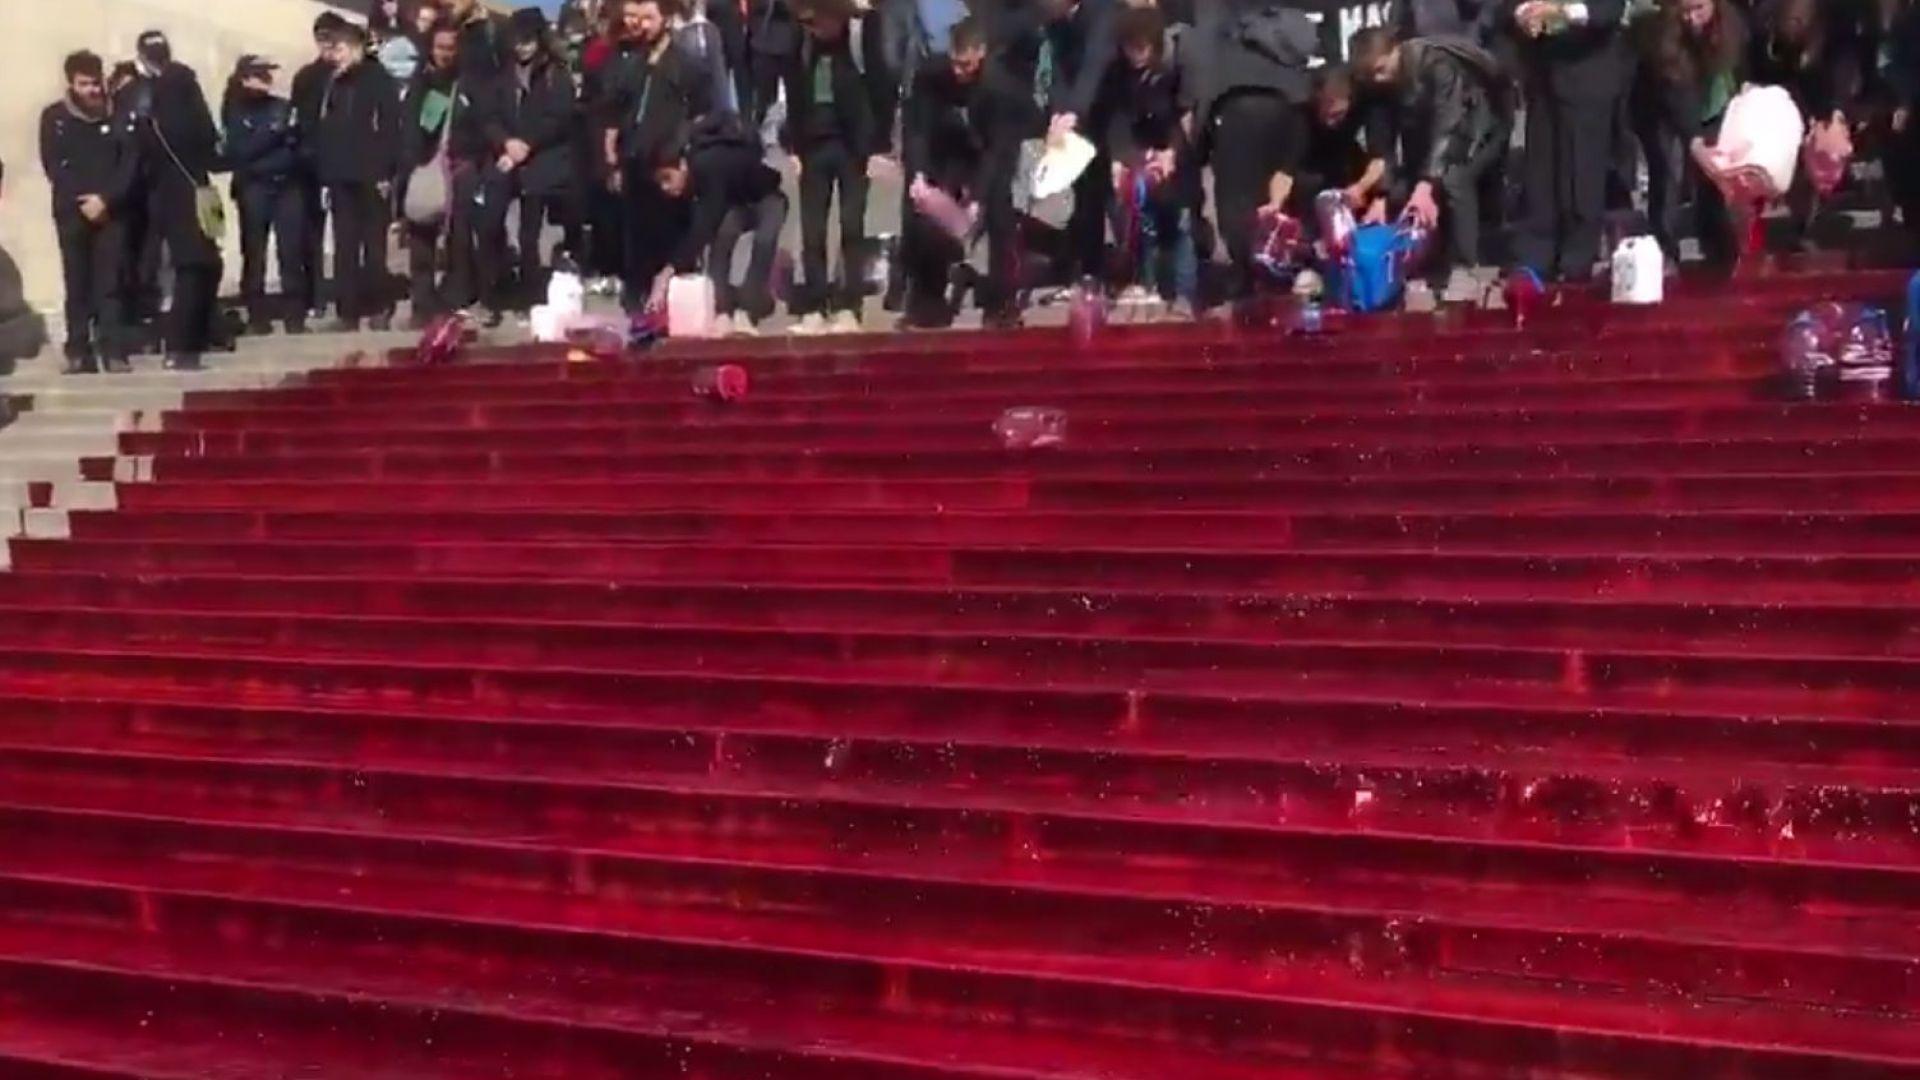 """Френски екоактивисти заляха стълбите на Трокадеро с 300 литра """"кръв"""" (видео)"""